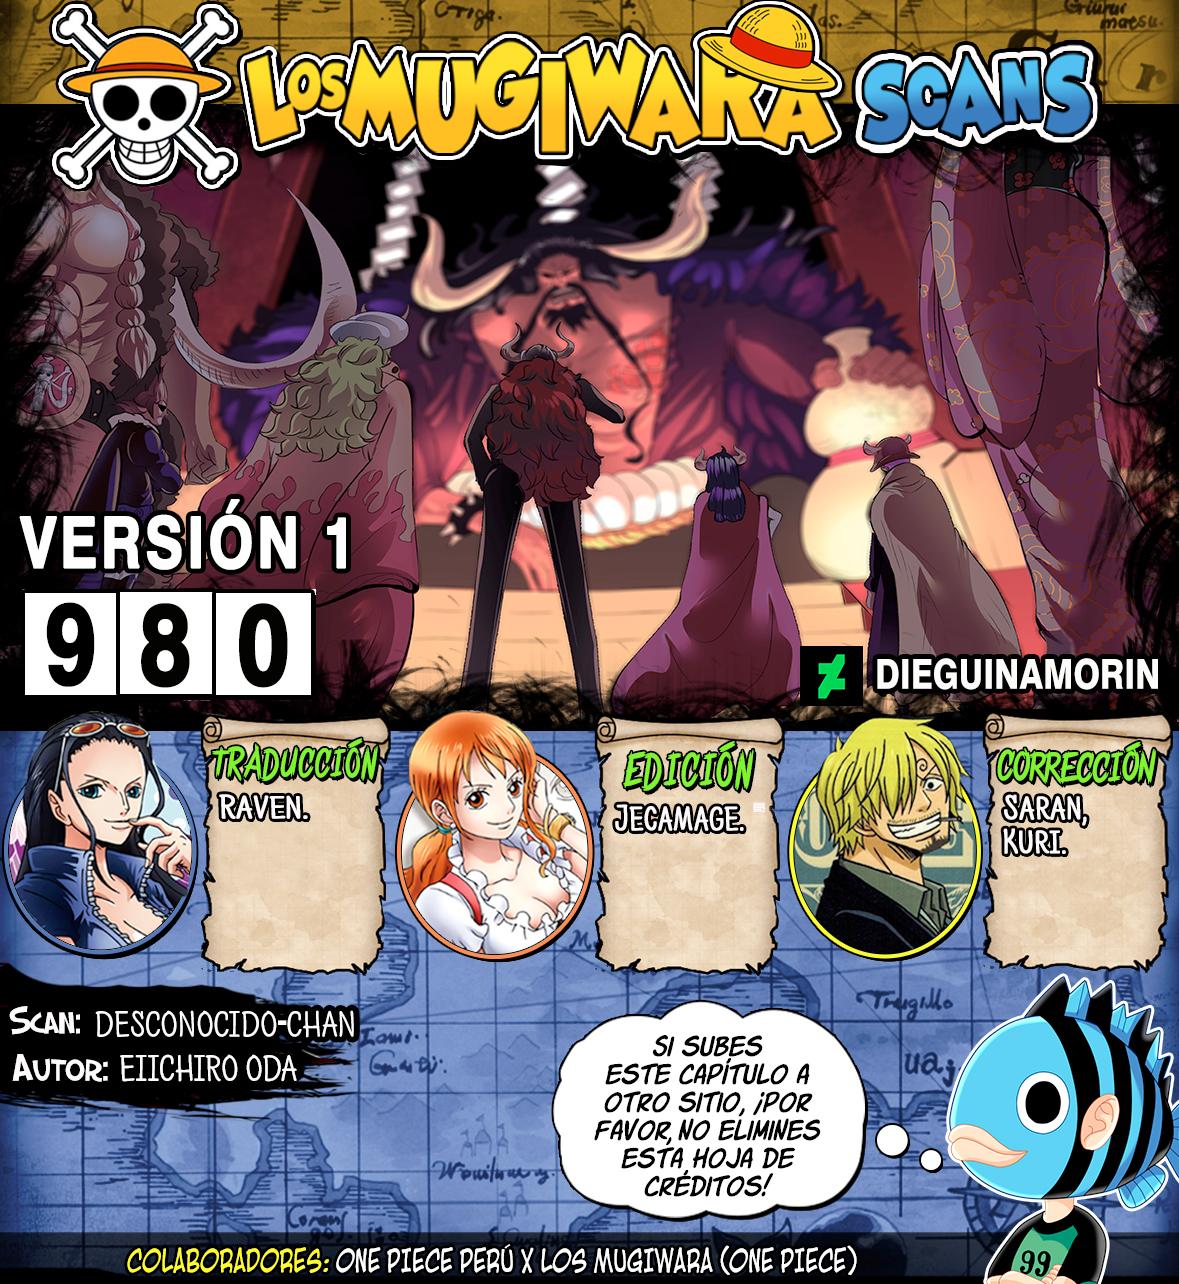 One Piece Manga 980 [Español] [Mugiwara Scans] 00